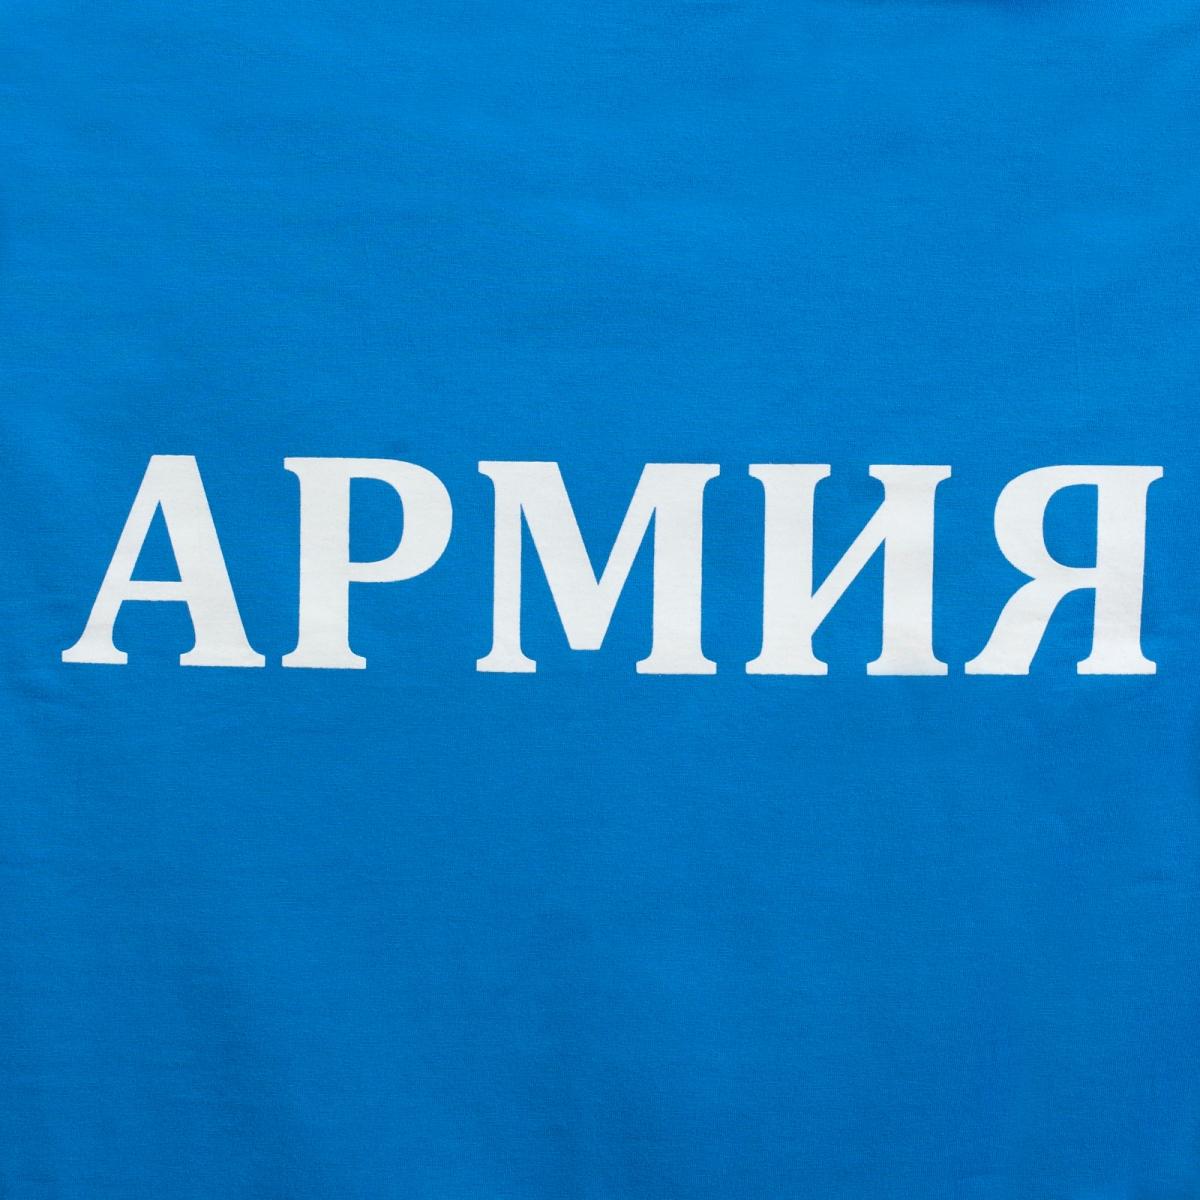 Футболка с надписью «Армия» синяя-логотип